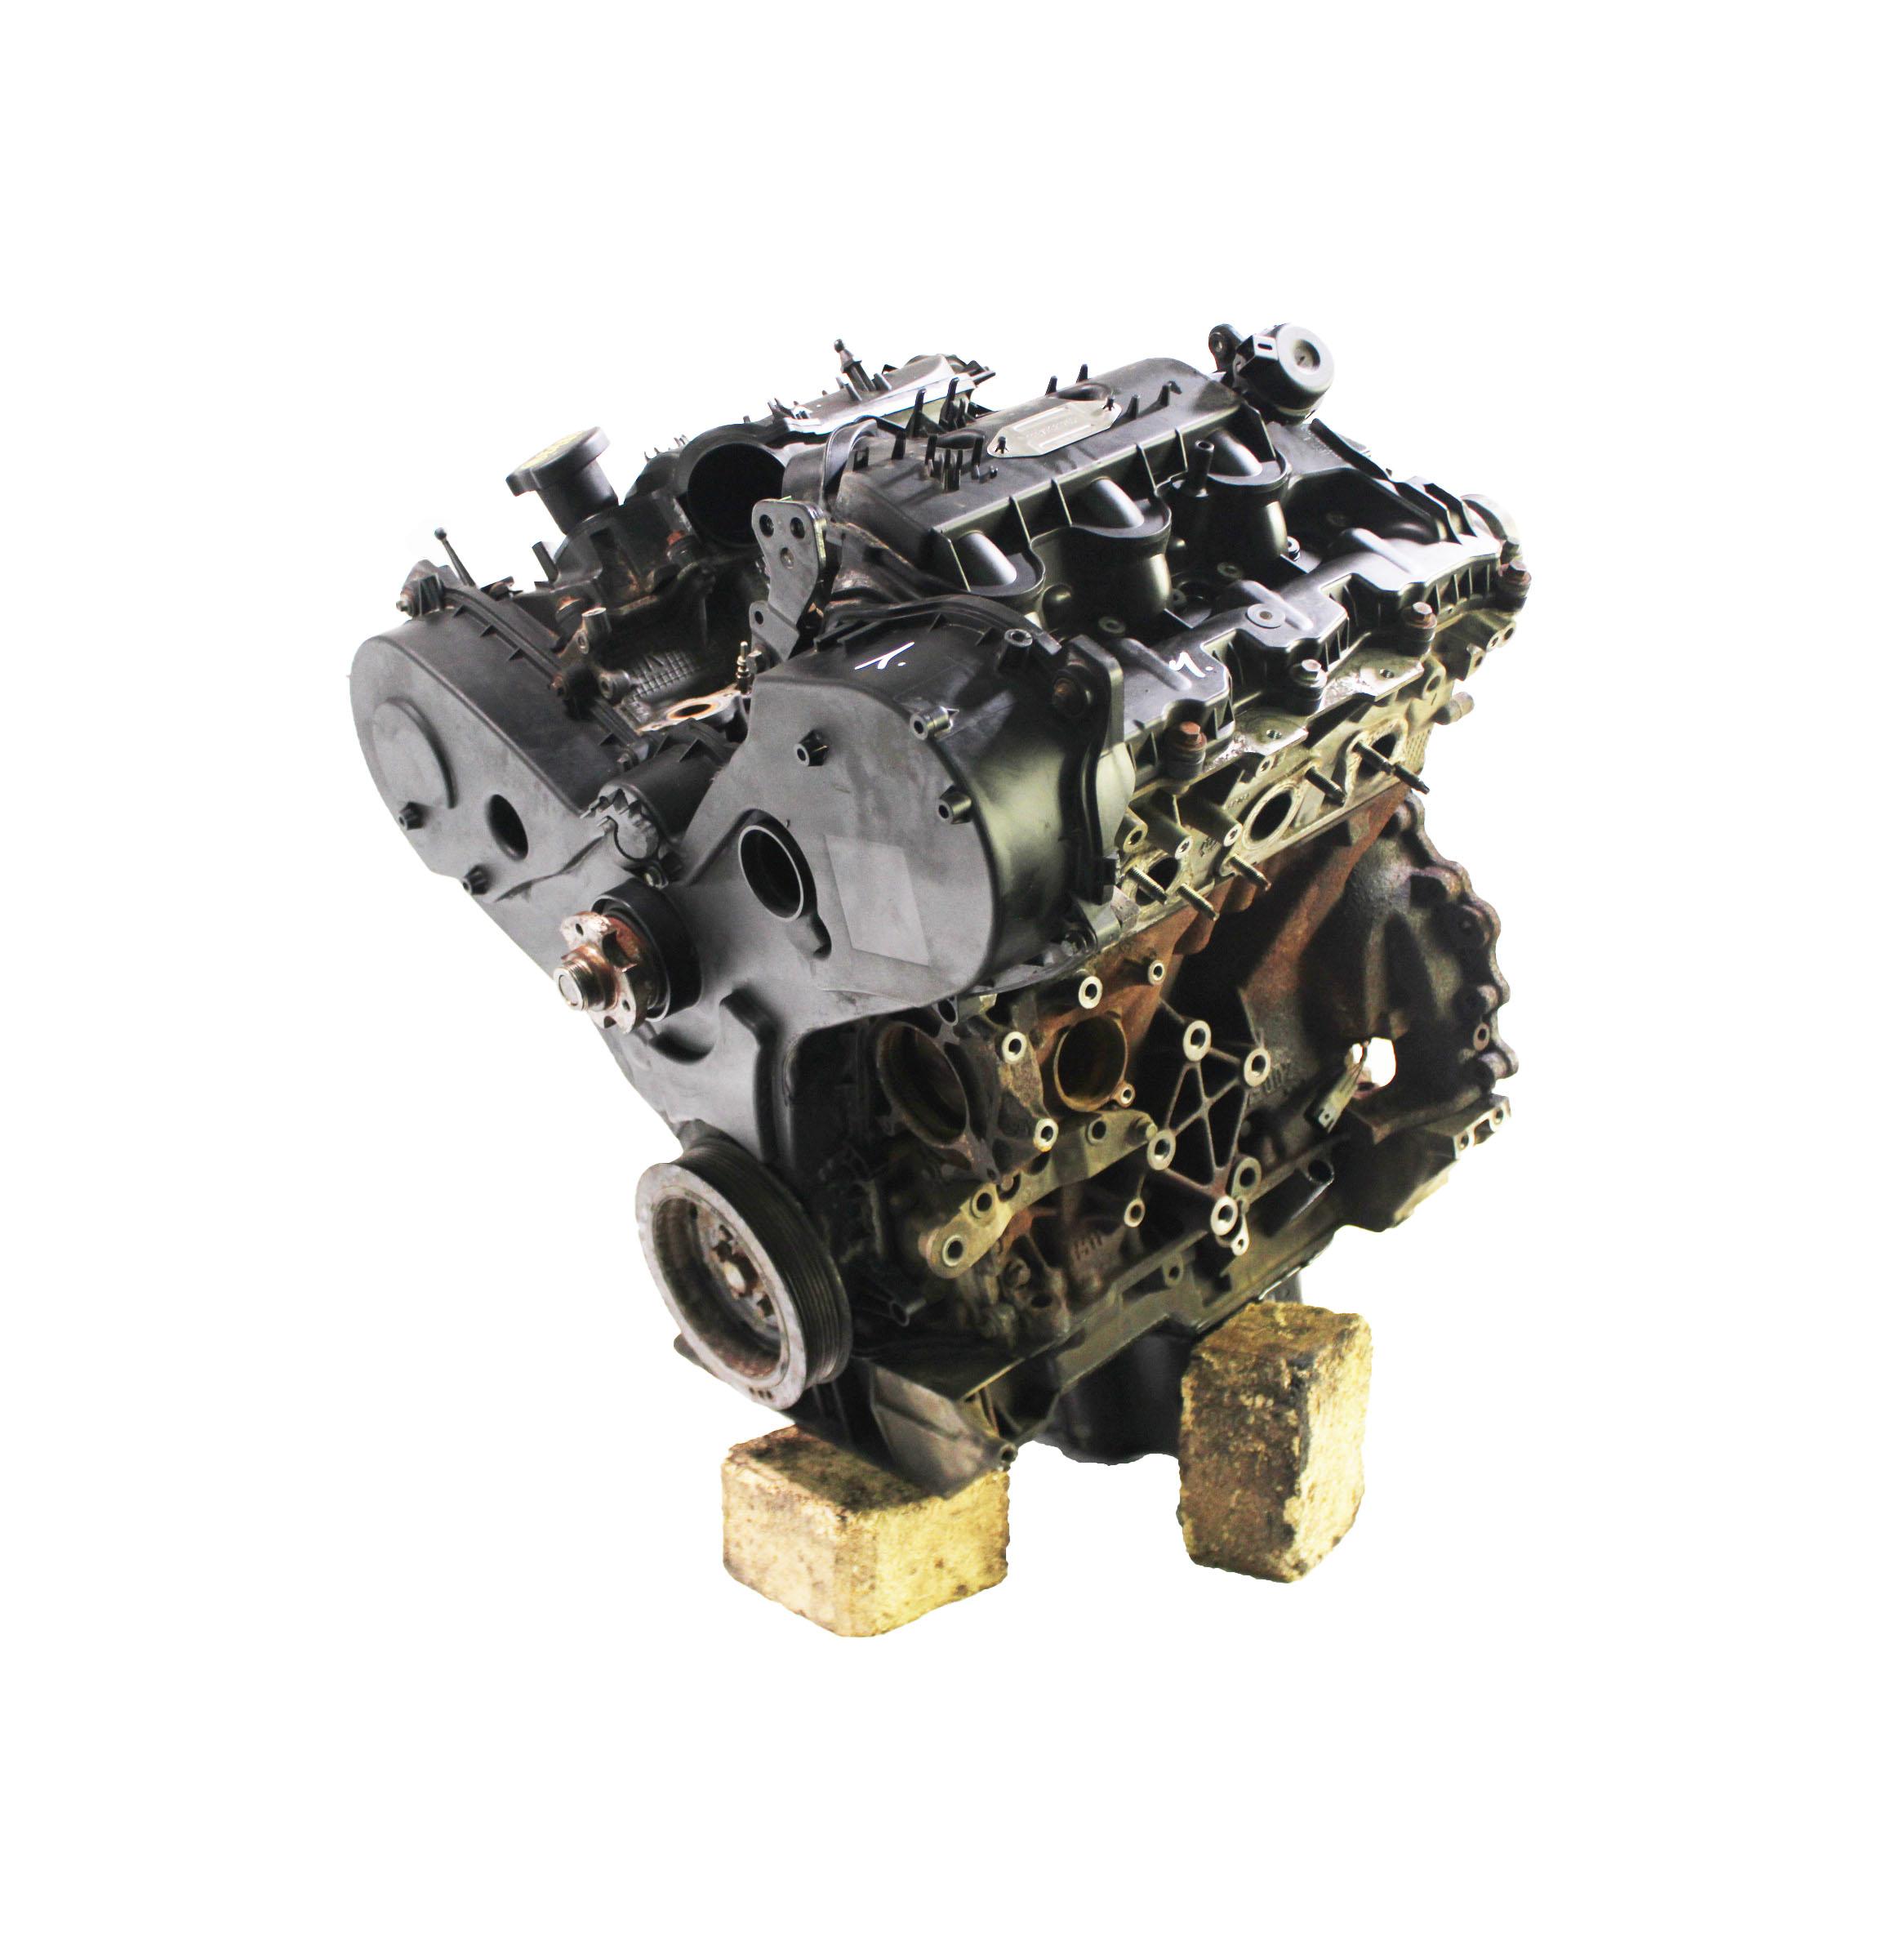 Motor 2007 für Land Rover Discovery L319 2,7 TD Diesel 4x4 276DT 140 KW 190 PS